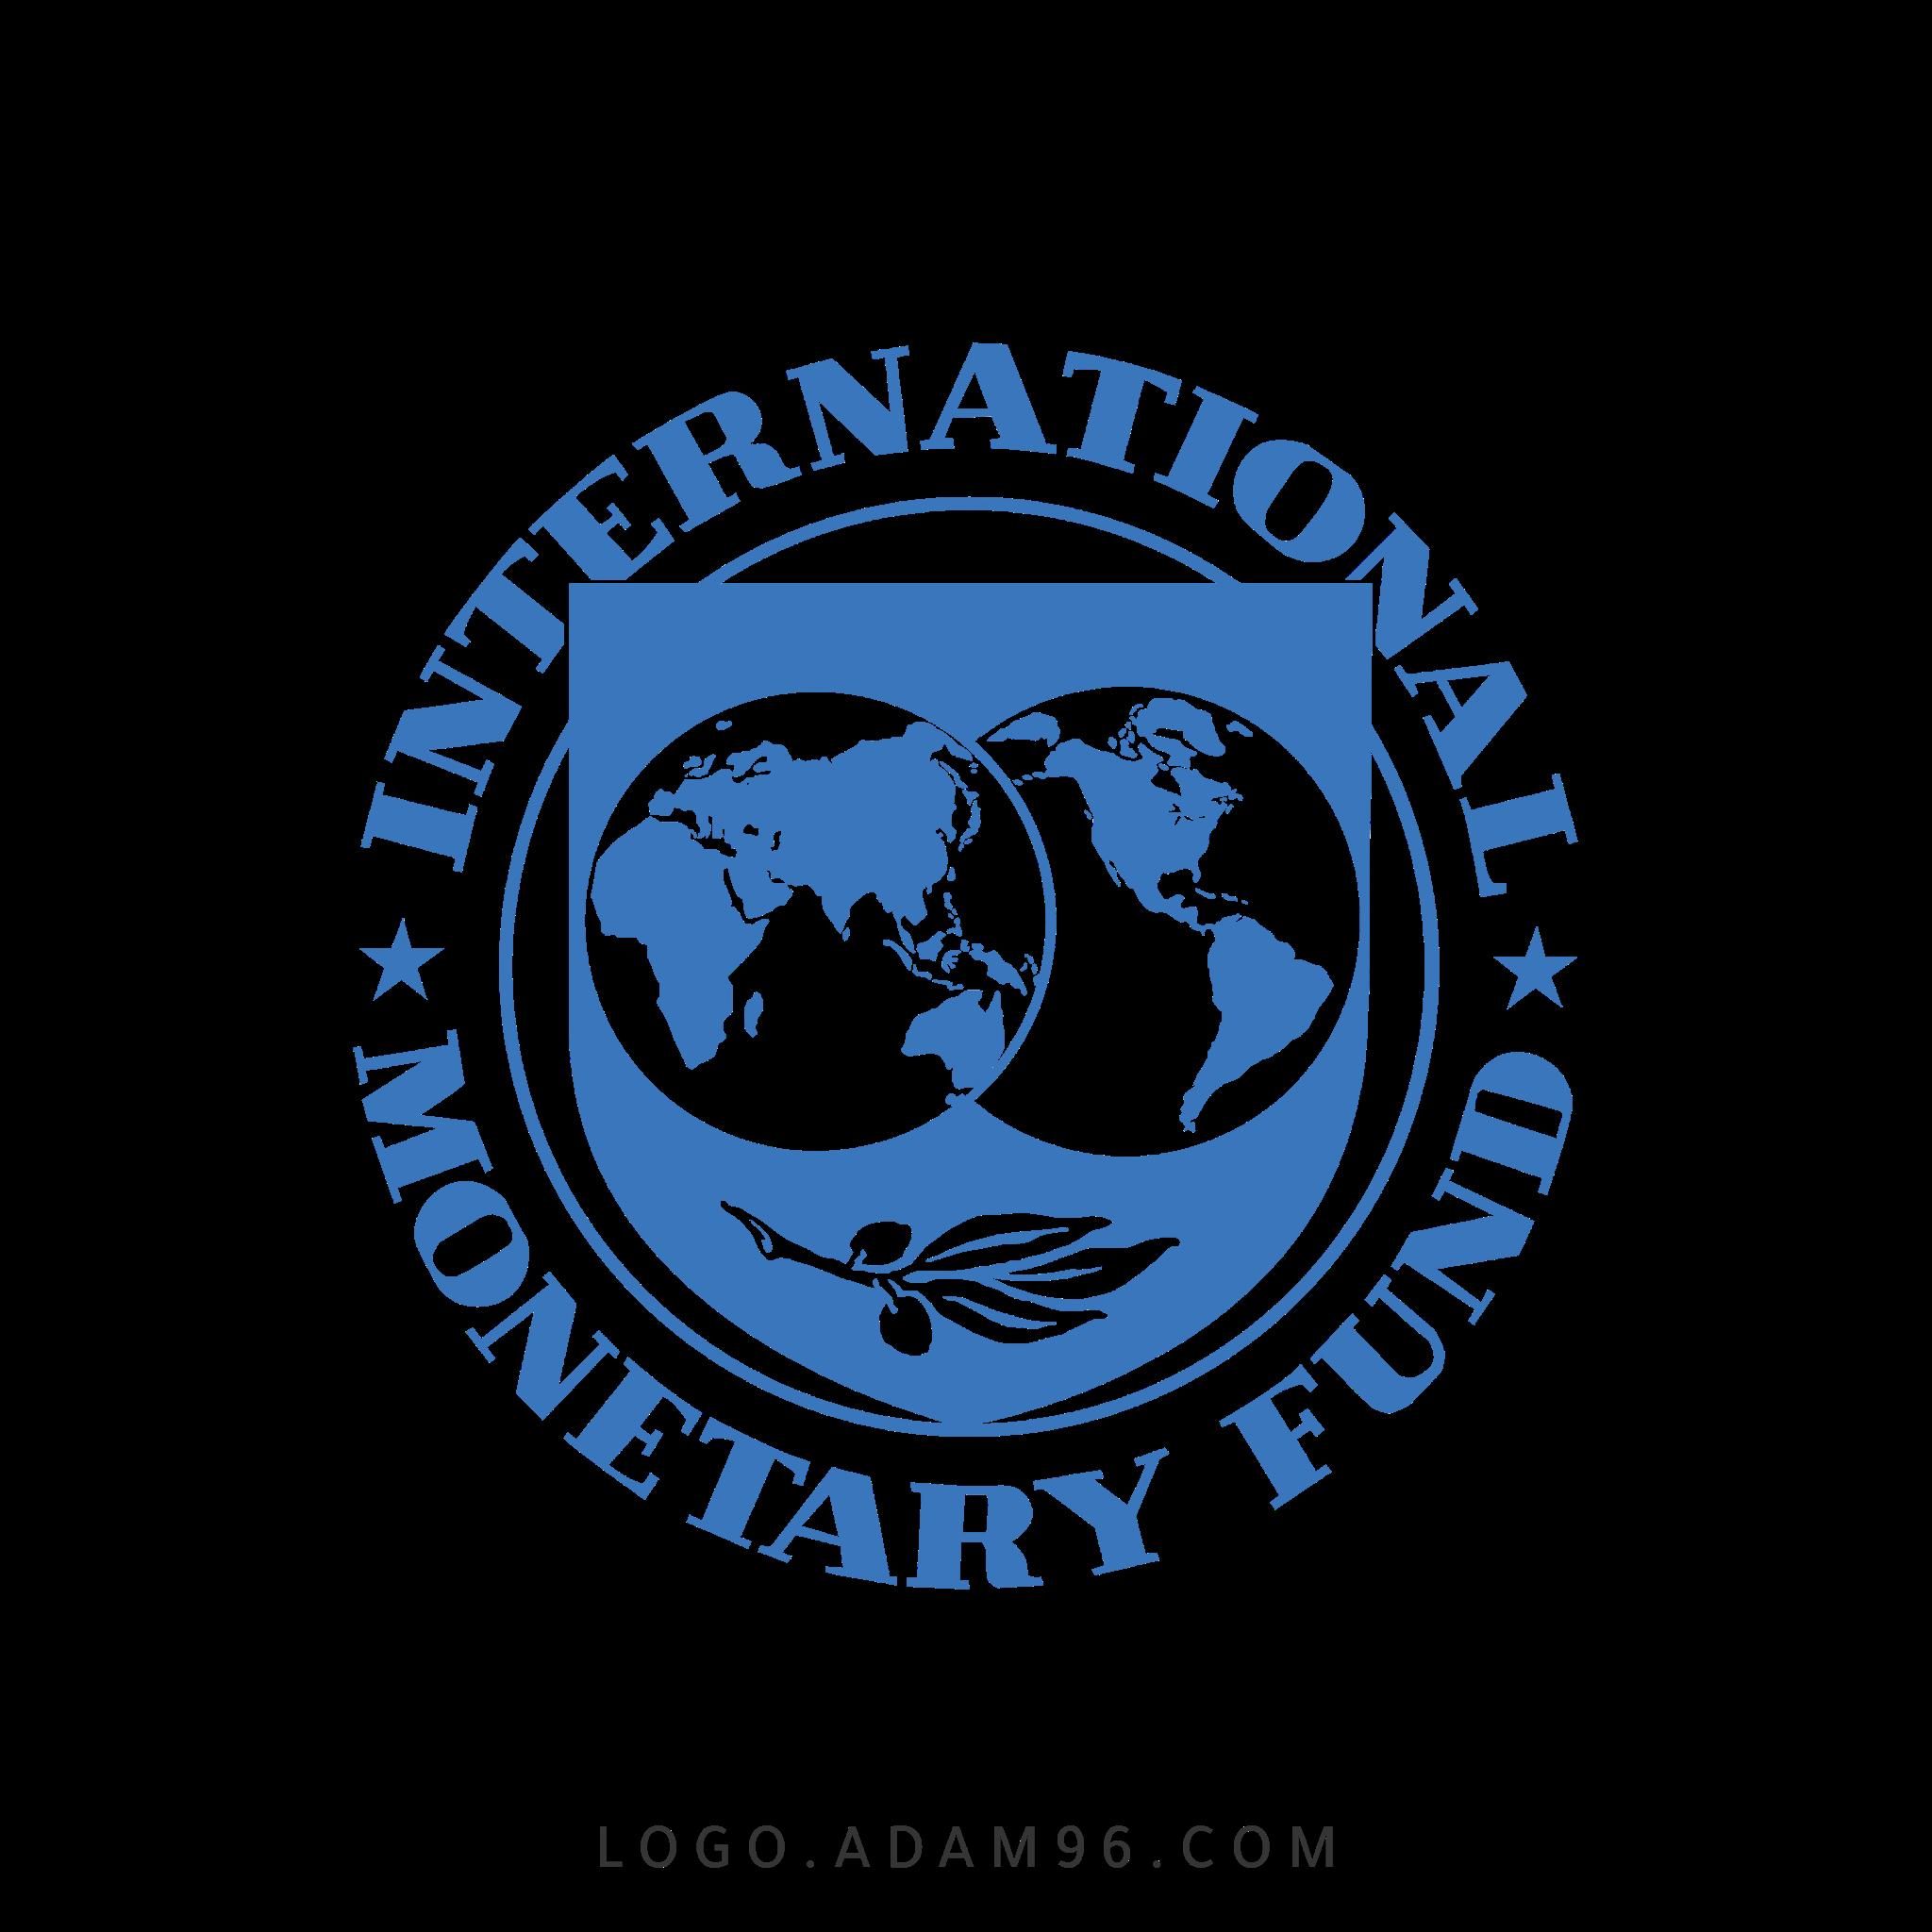 تحميل شعار صندوق النقد الدولي لوجو رسمي عالي الجودة PNG